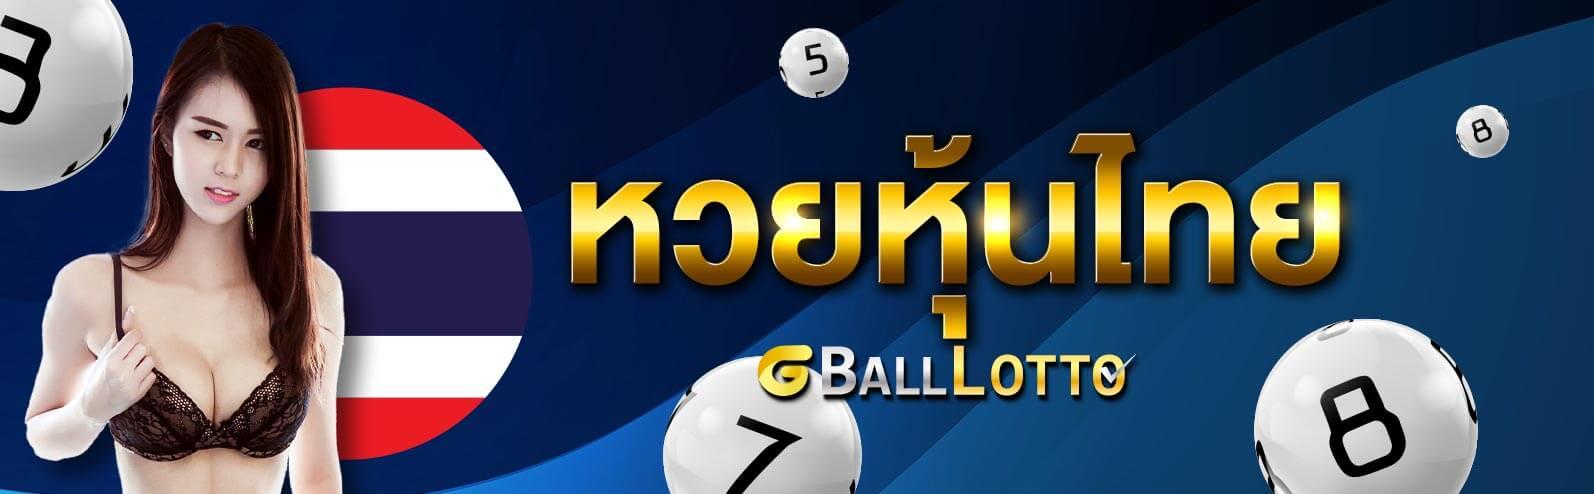 gball10